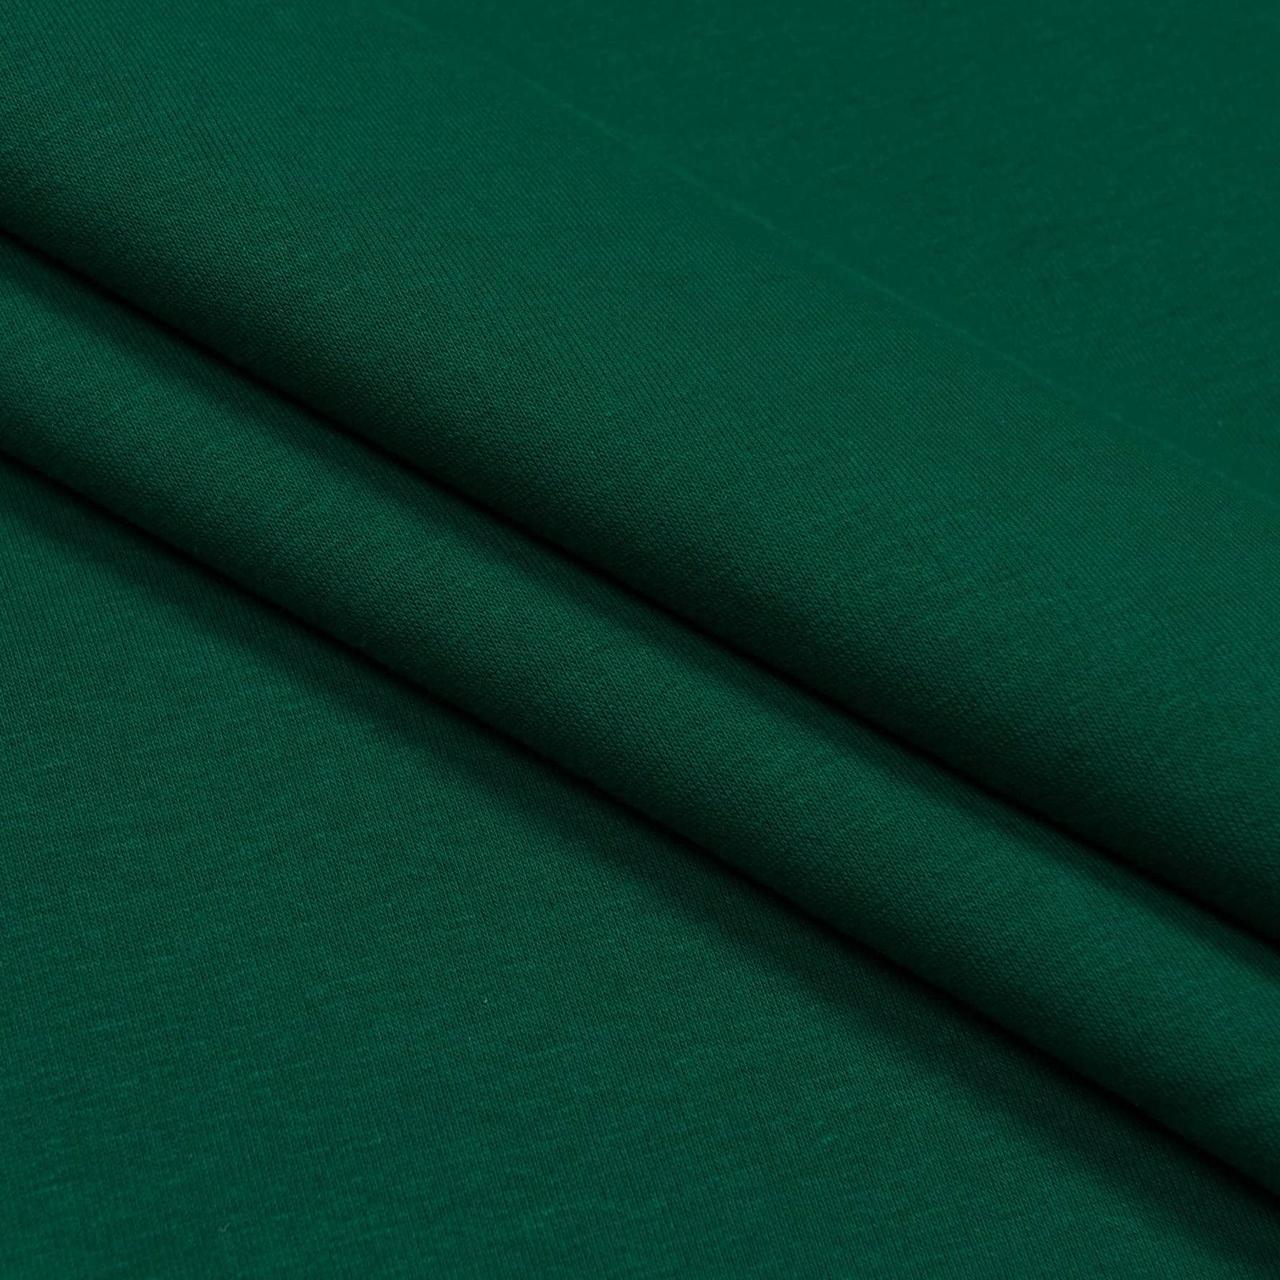 Ткань трикотажная Футер Петля. Темно зеленый. Купить оптом в Украине, от рулона